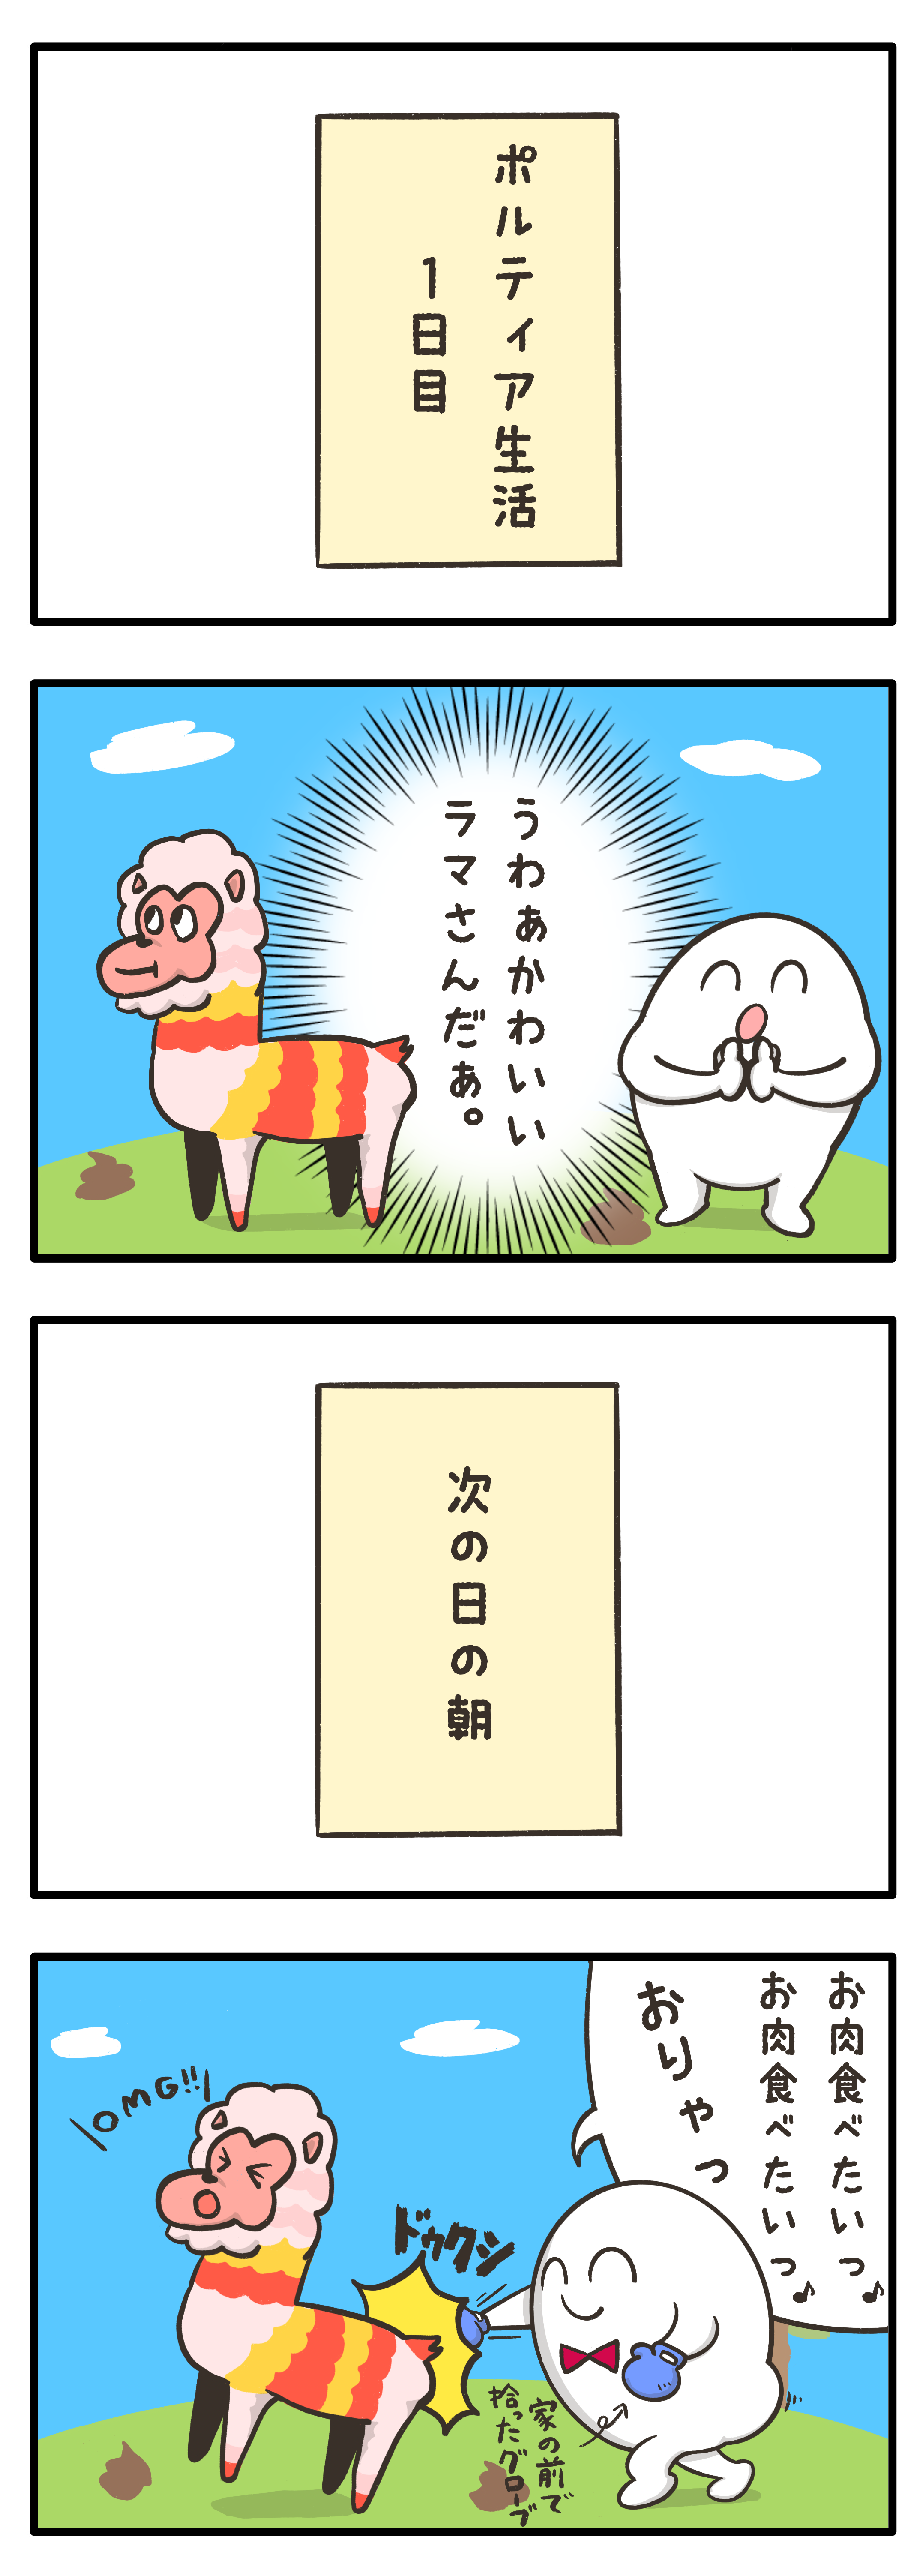 f:id:ichibo-game:20190419175117p:plain